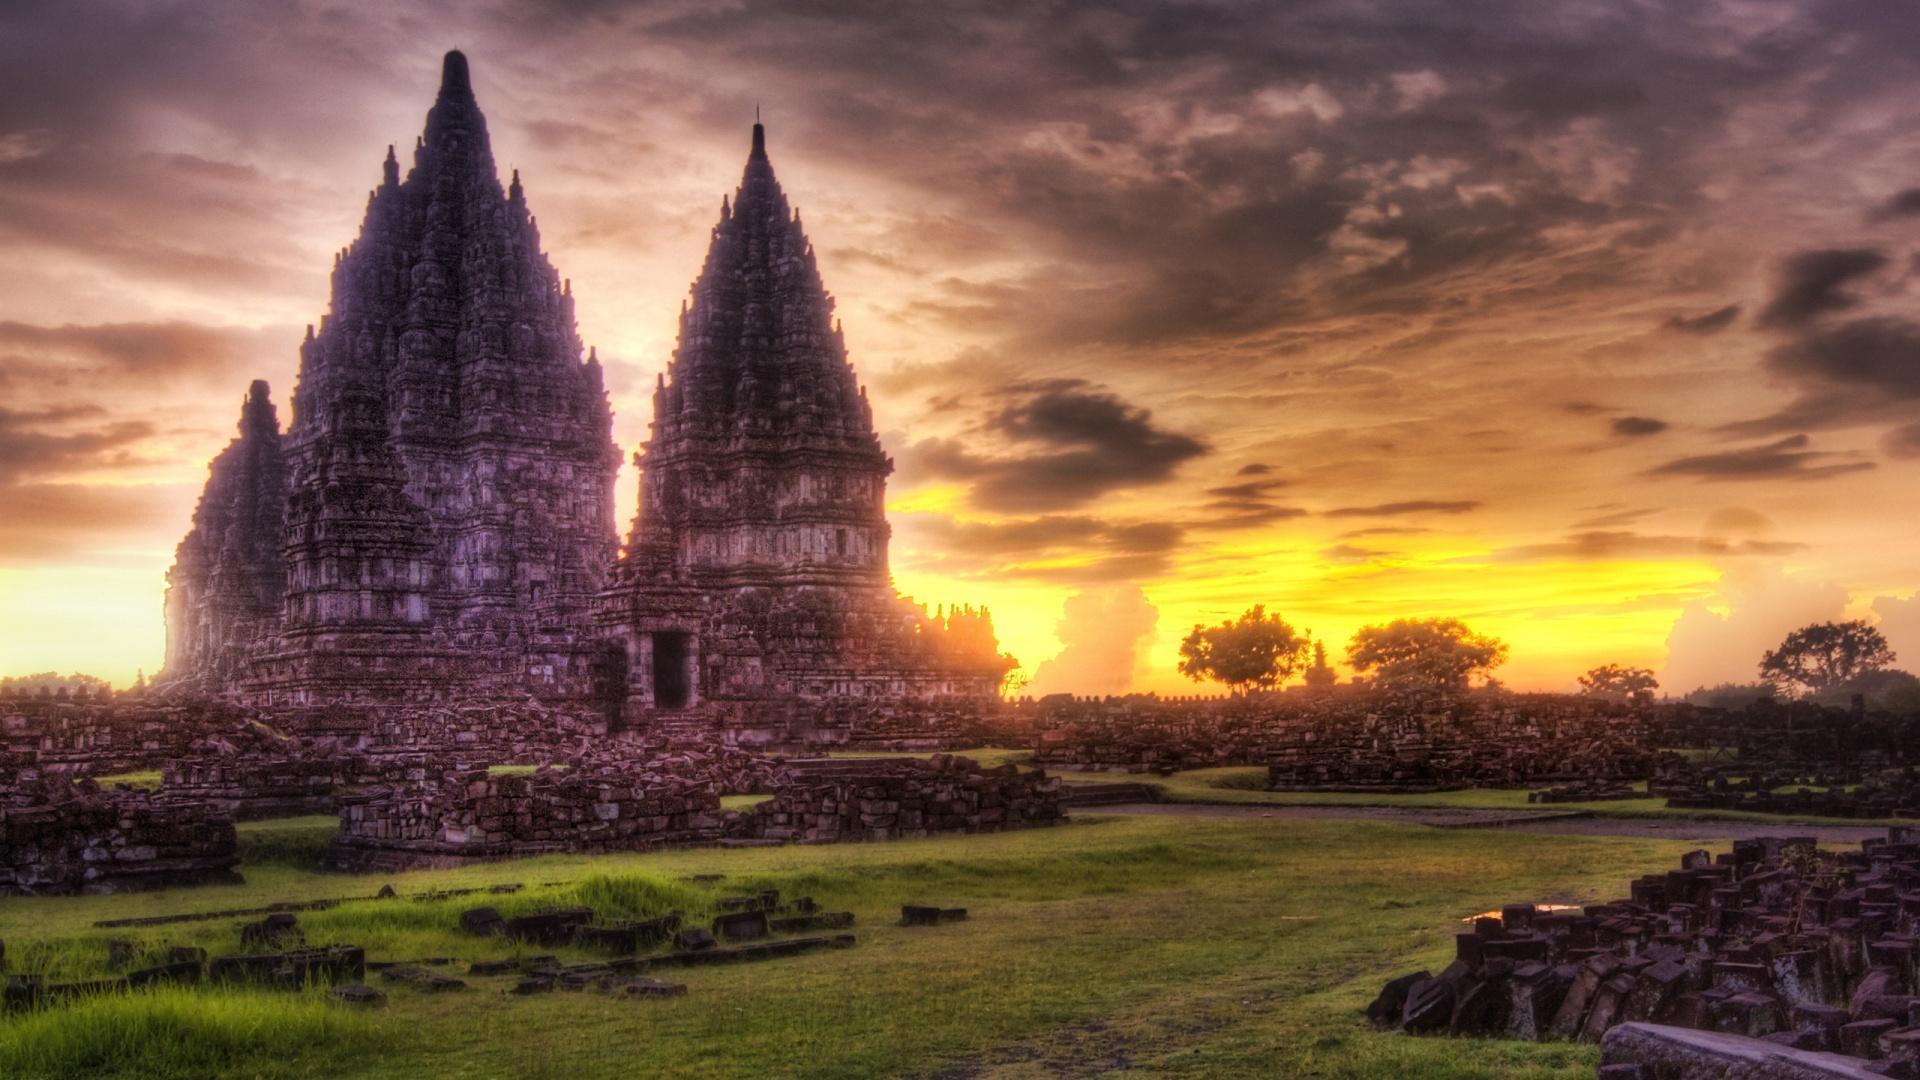 Free Fall Desktop Wallpaper Widescreen Angkor Wat Hd Wallpaper Pixelstalk Net